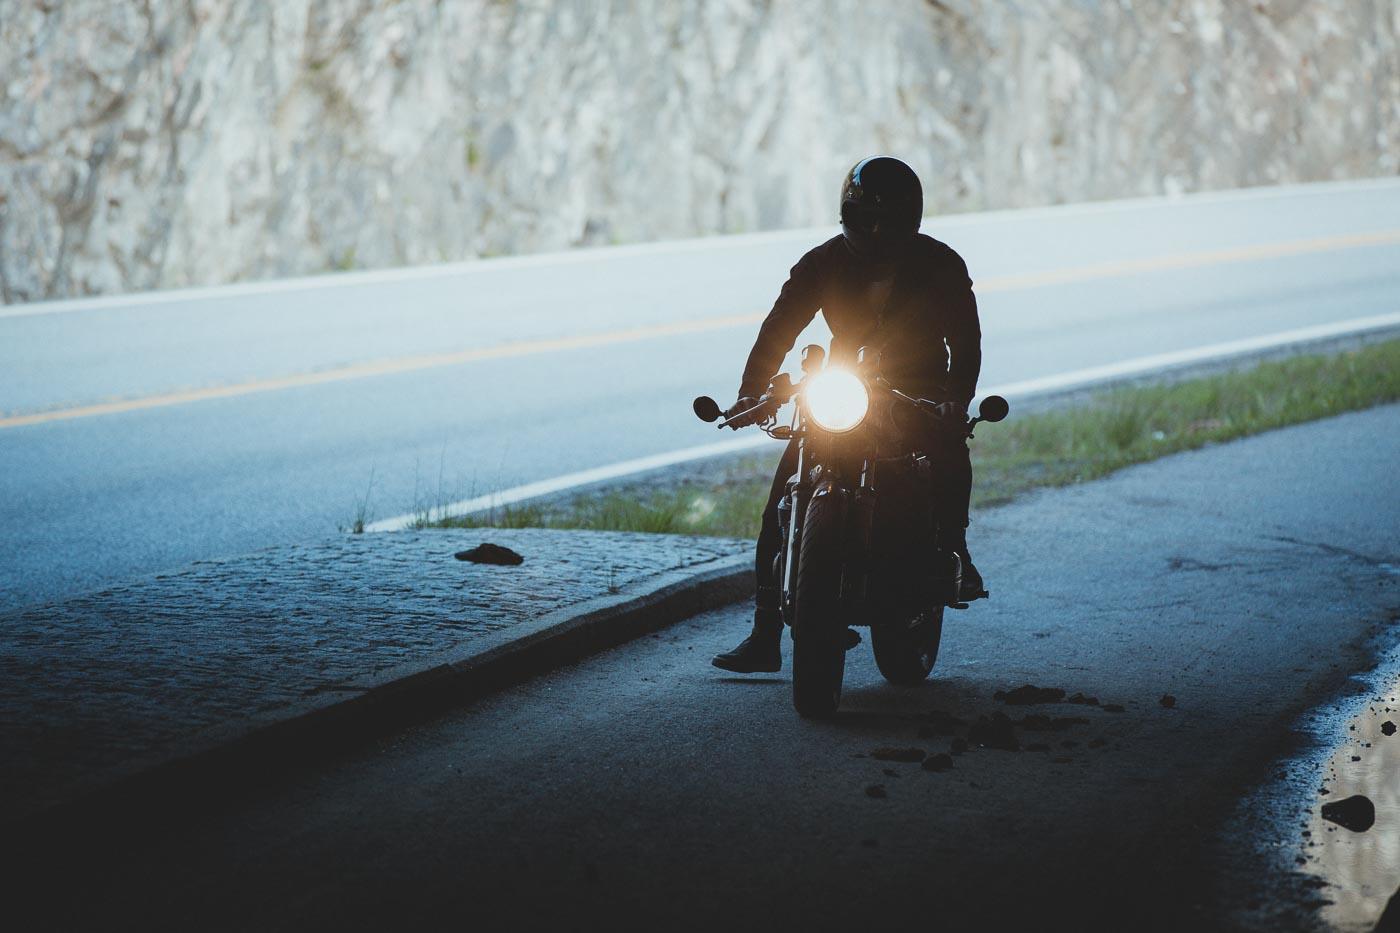 WilkieVintage_Motorcycle_Projects @ Alan Thomas Duncan Wilkie-50.jpg